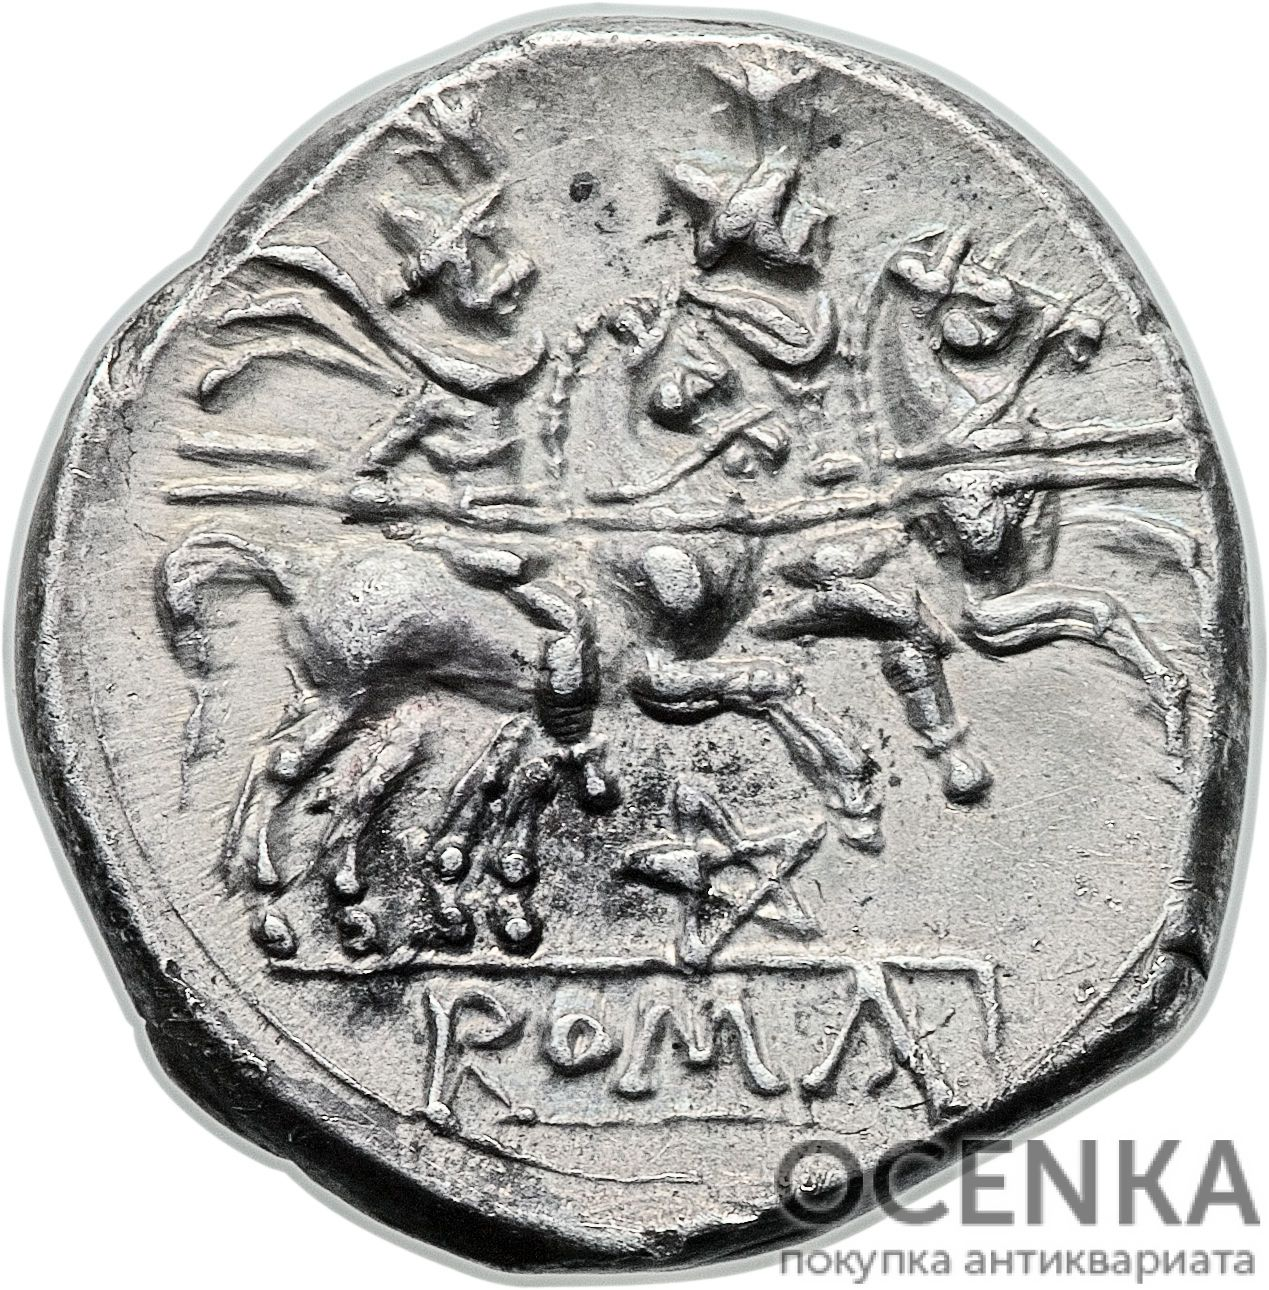 Серебряный Республиканский Денарий Анонимного выпуска, 206-195 год до н.э. - 1